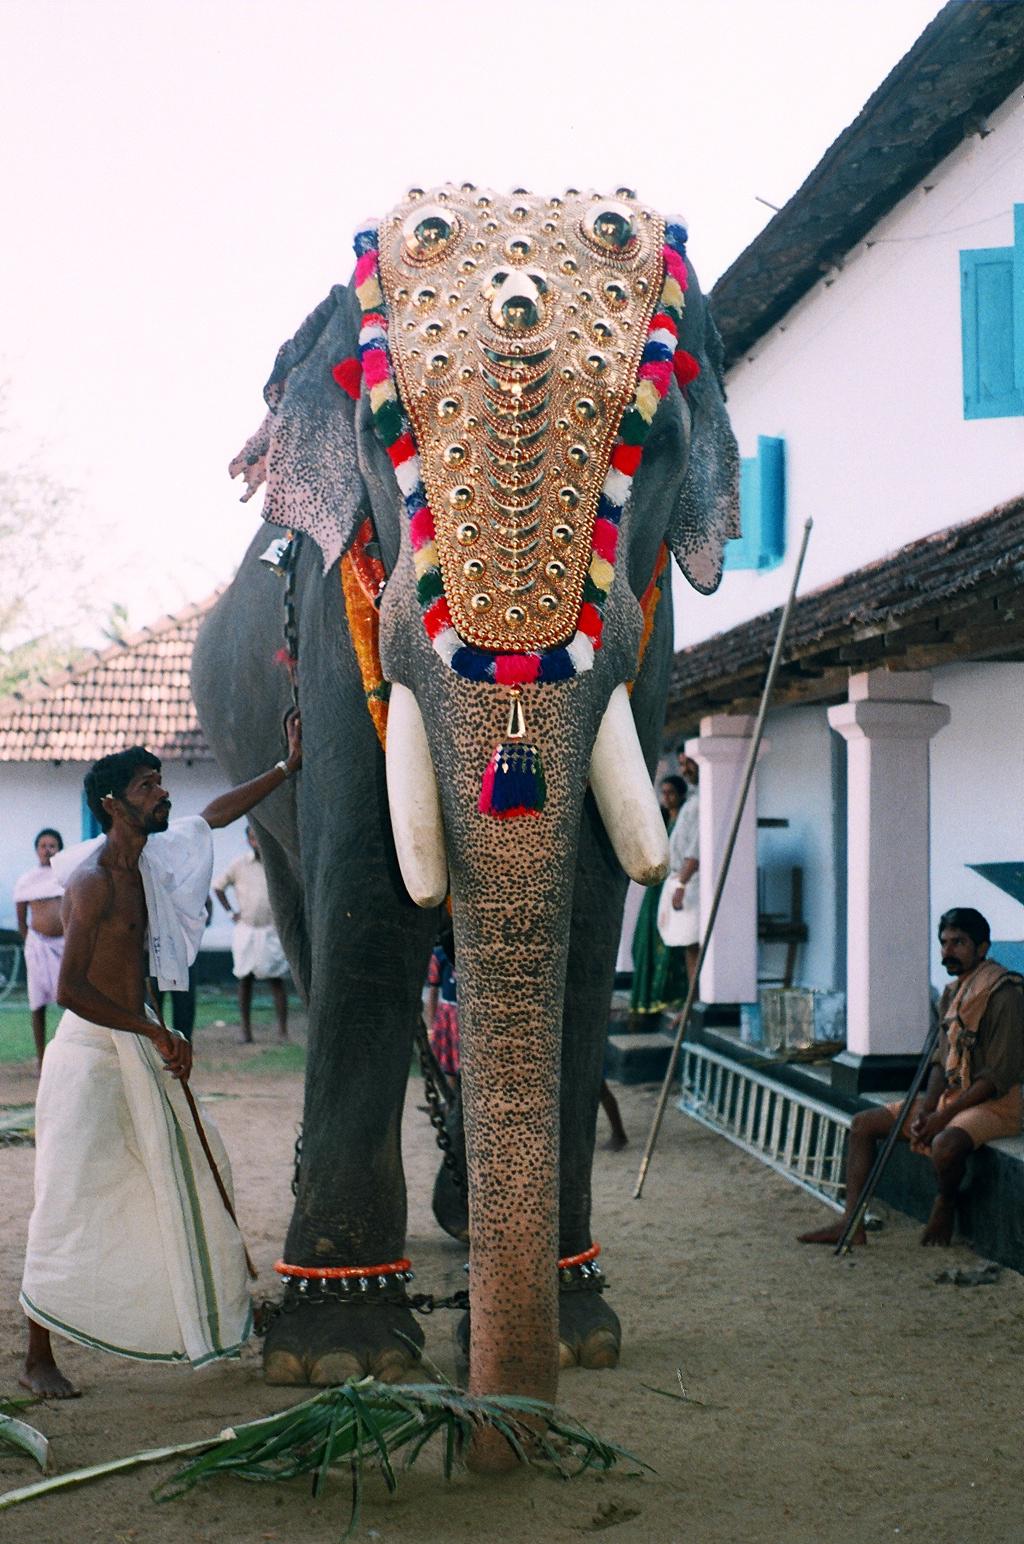 ഗുരുവായൂർ പത്മനാഭൻ - വിക്കിപീഡിയ